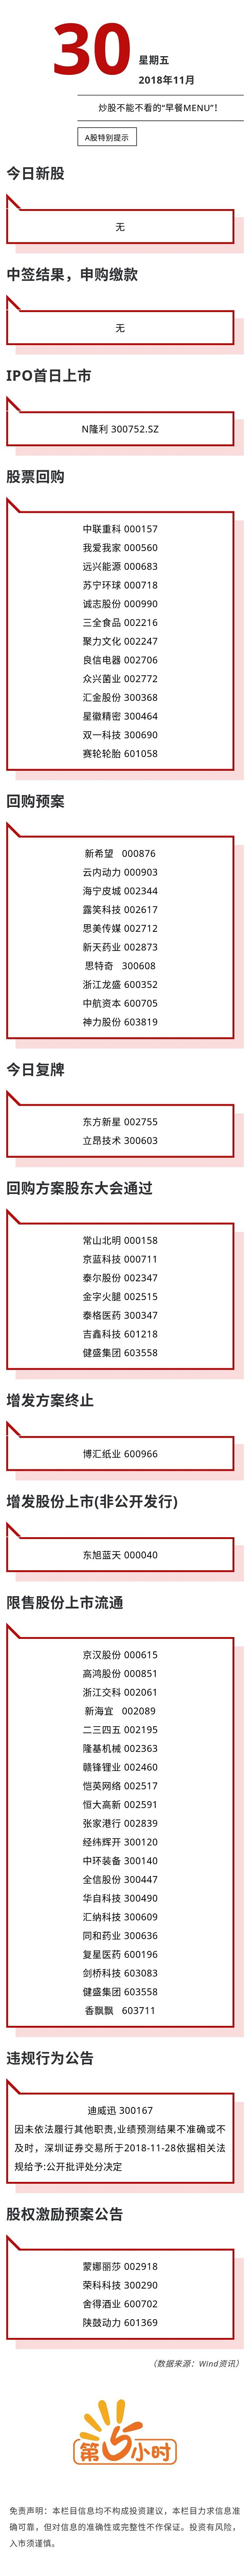 A股特别提示(2018-11-30).jpg